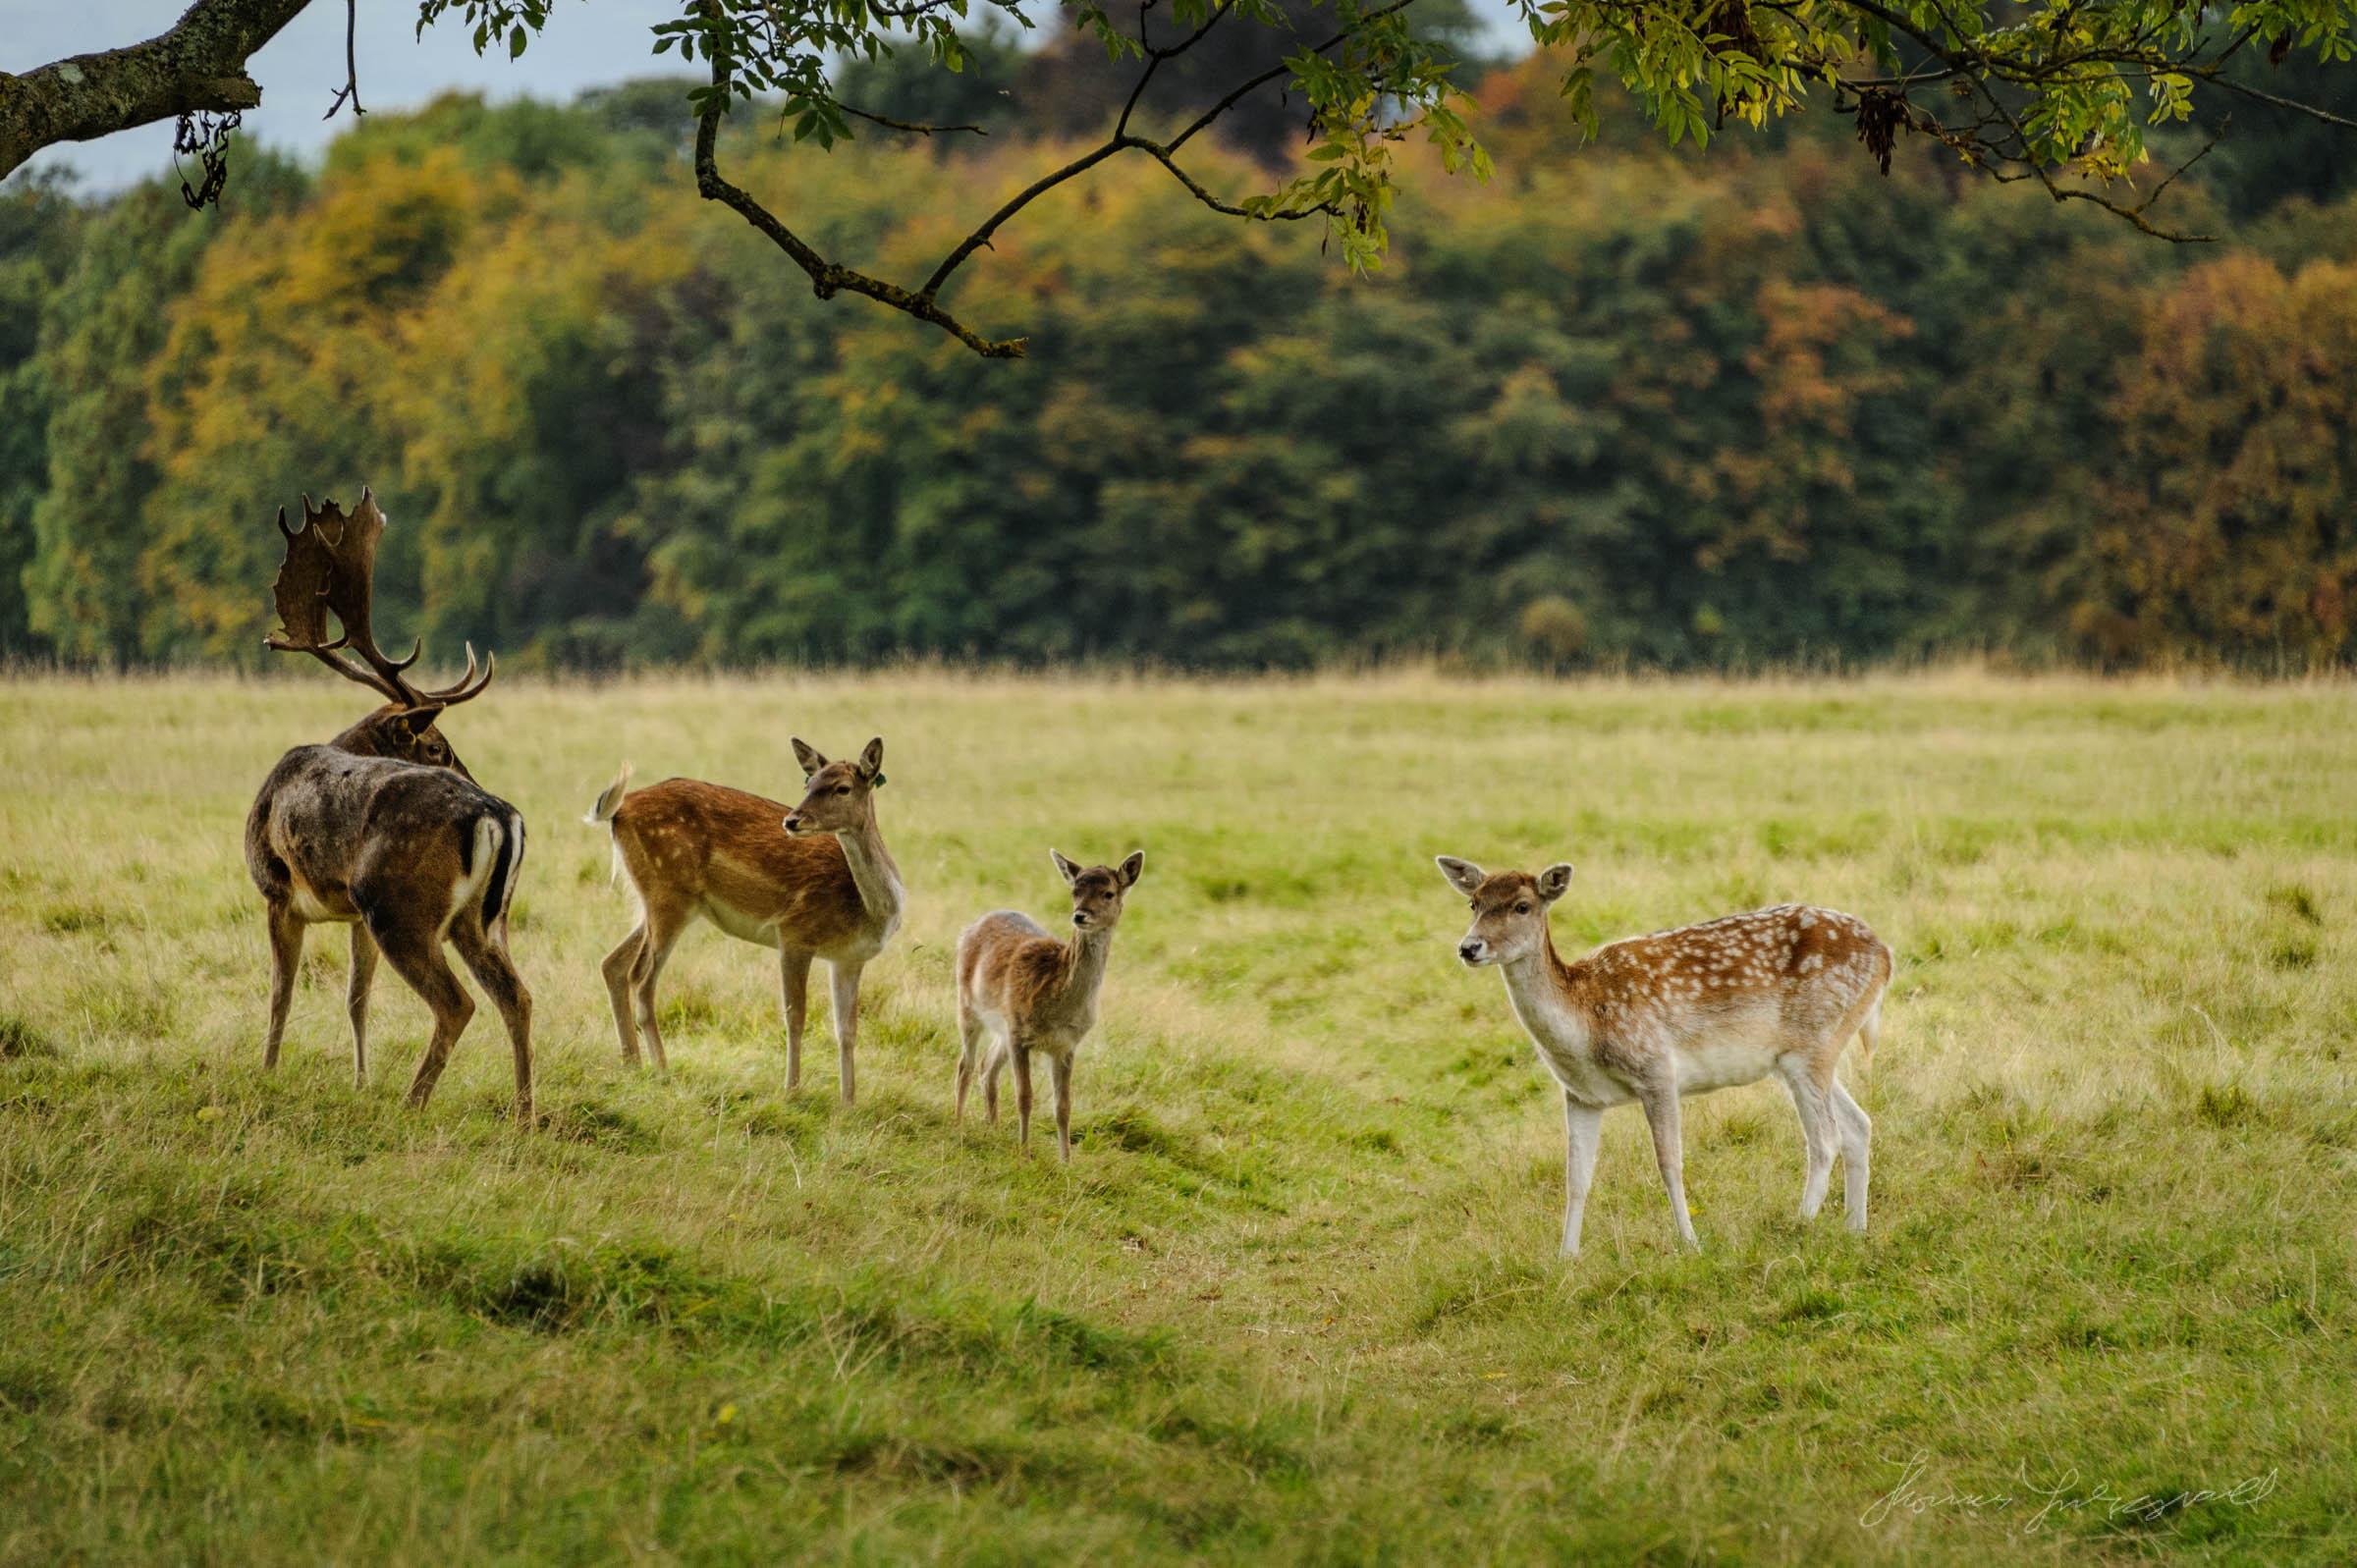 Pheonix-Park-Deer-21.jpg